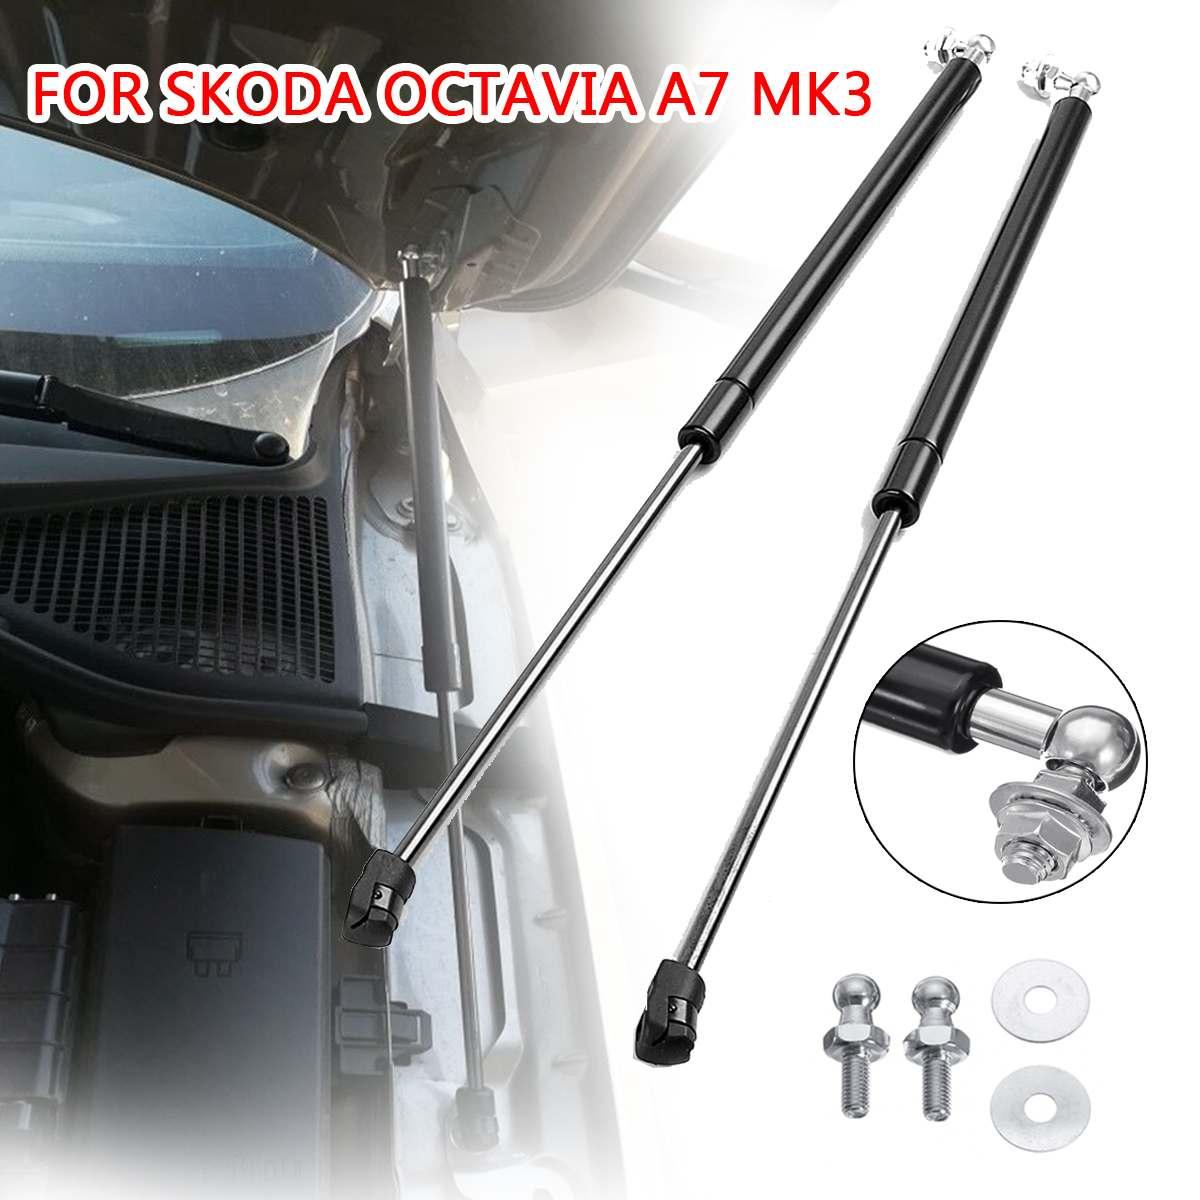 2 Stuks Auto Achter Gas Shock Hood Shock Strut Demper Lift Ondersteuning Voor Skoda Octavia A7 MK3